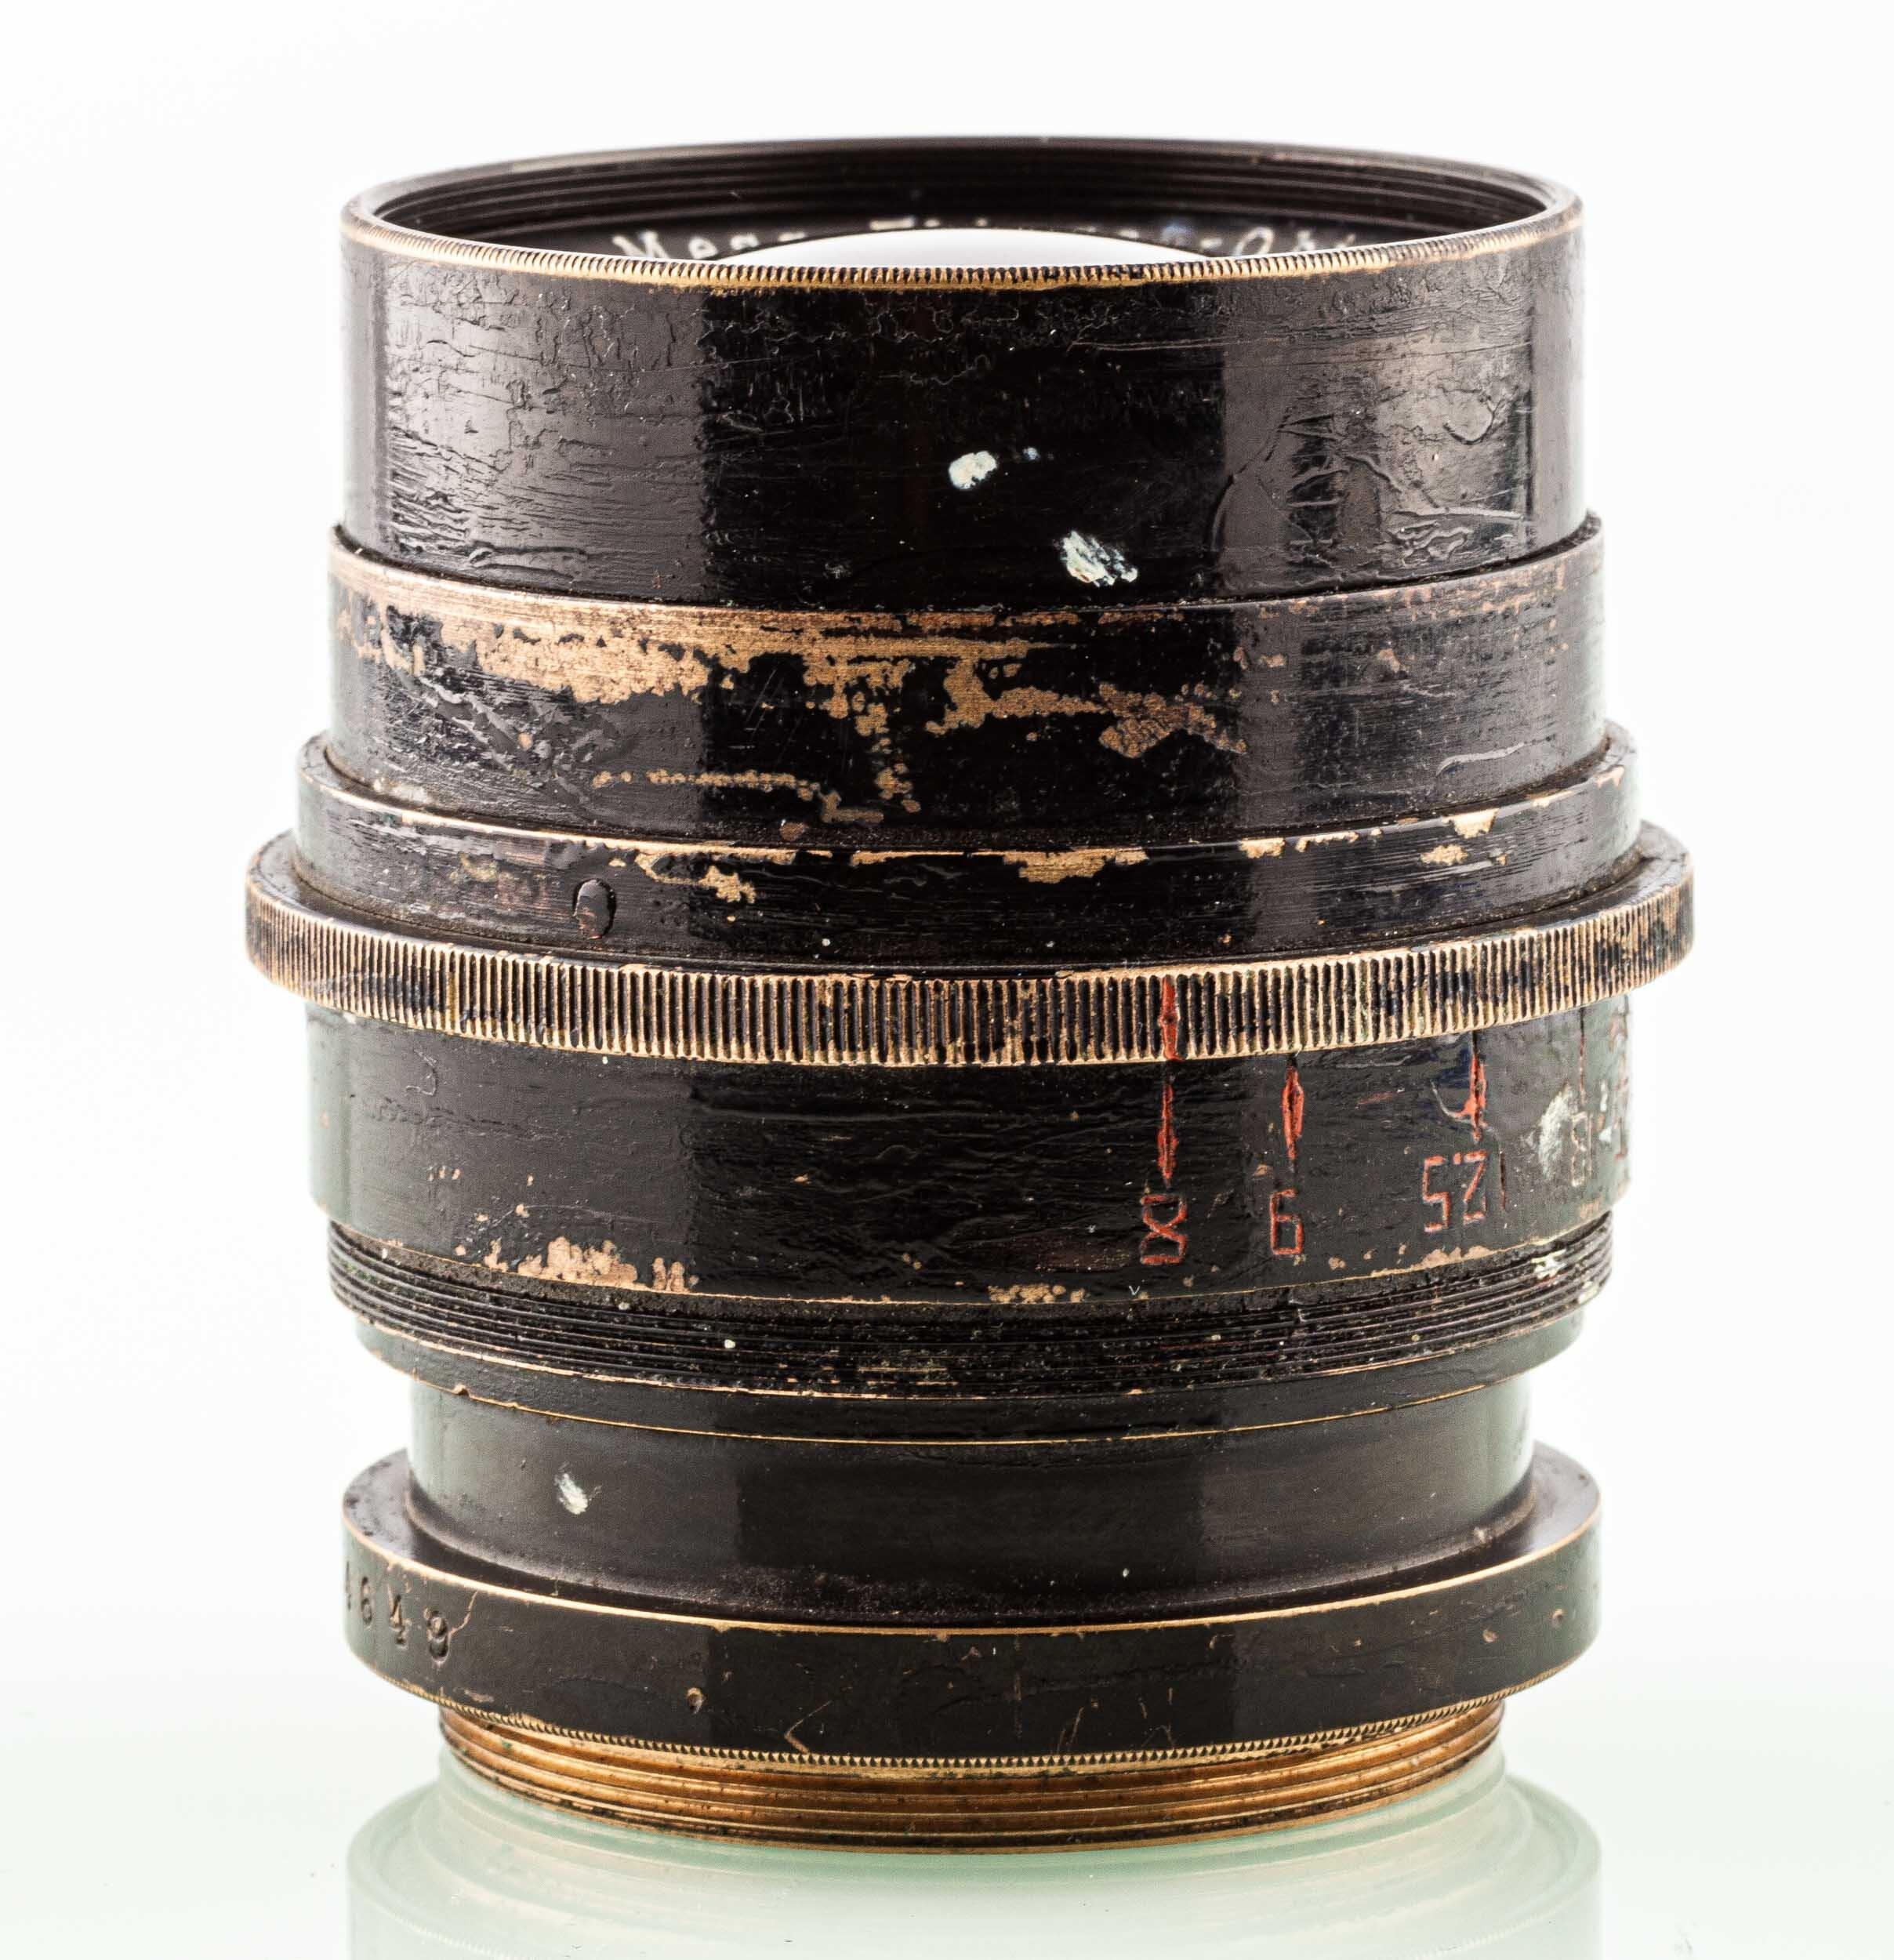 Carl Zeiss Jena Mess-Flieger-Objektiv 4,5/21cm